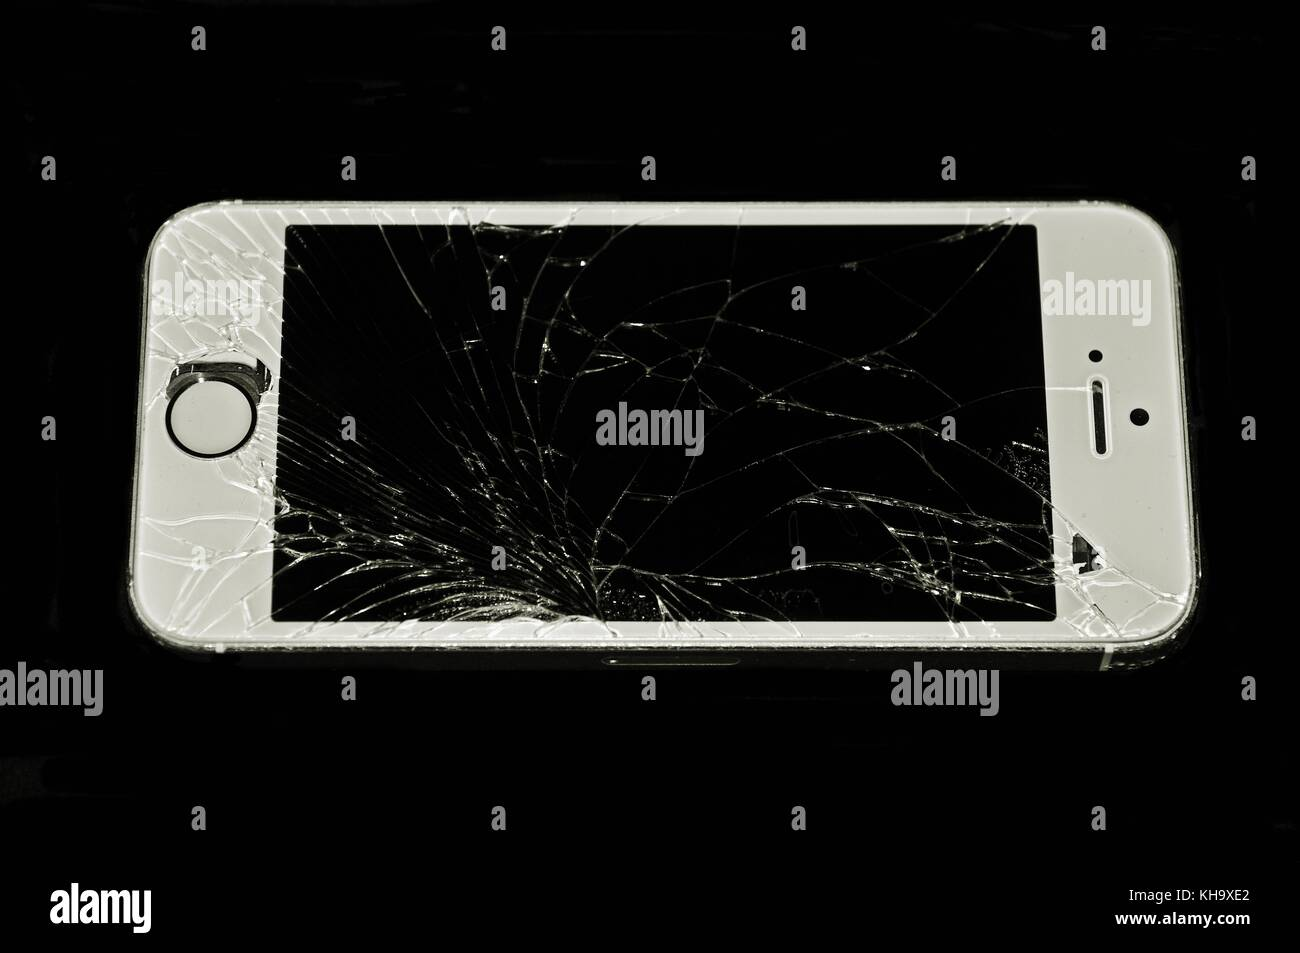 Rotto o incrinato telefono Immagini Stock